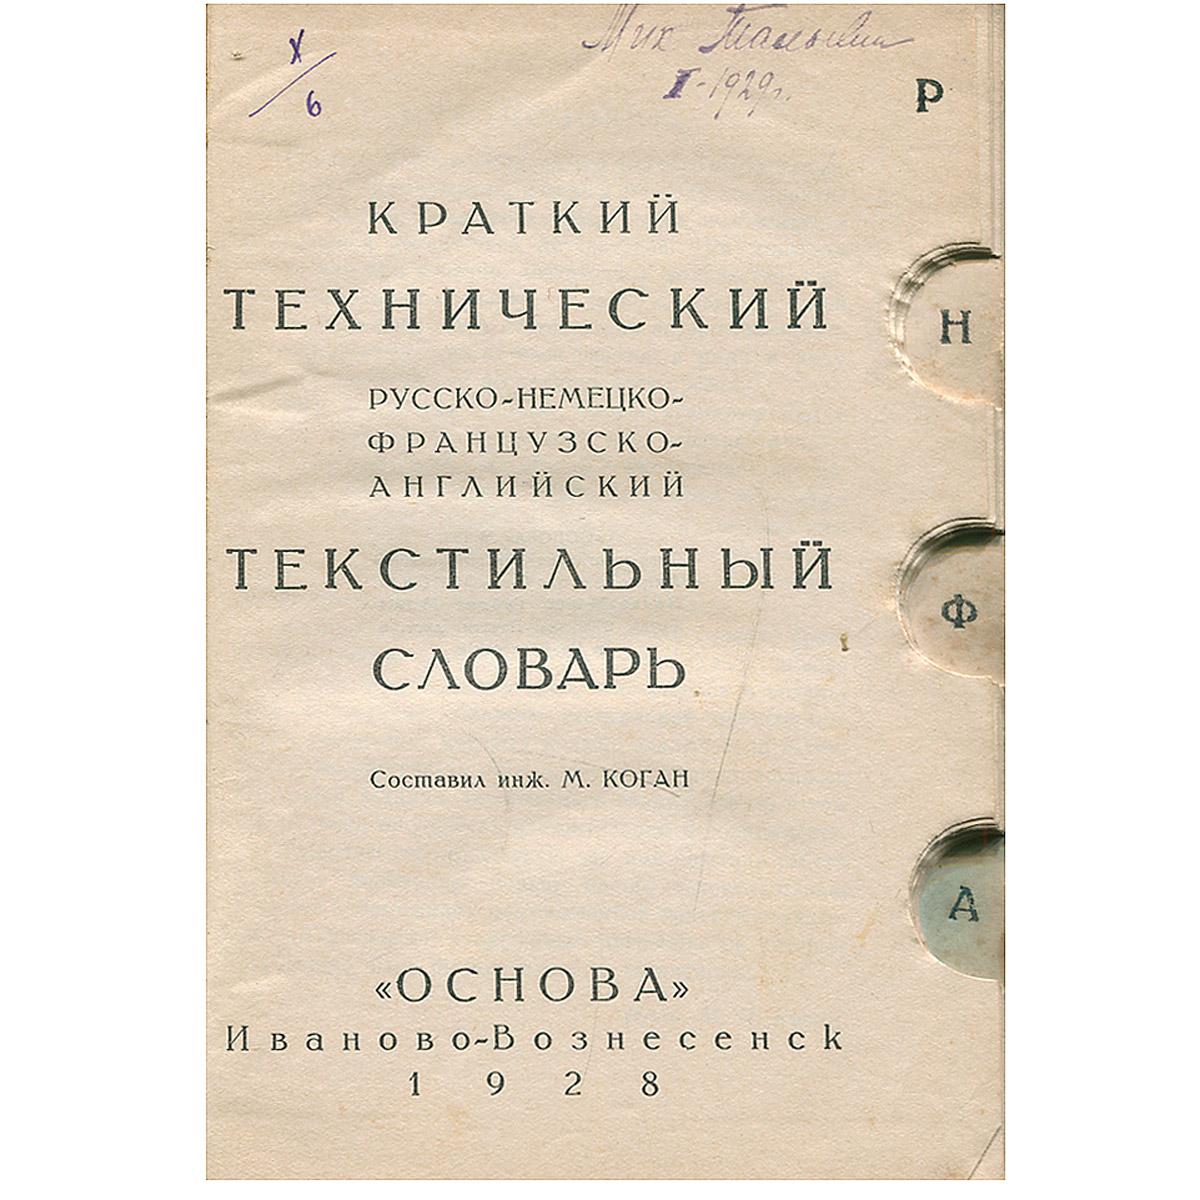 Краткий технический русско-немецко-французско-английский текстильный словарь